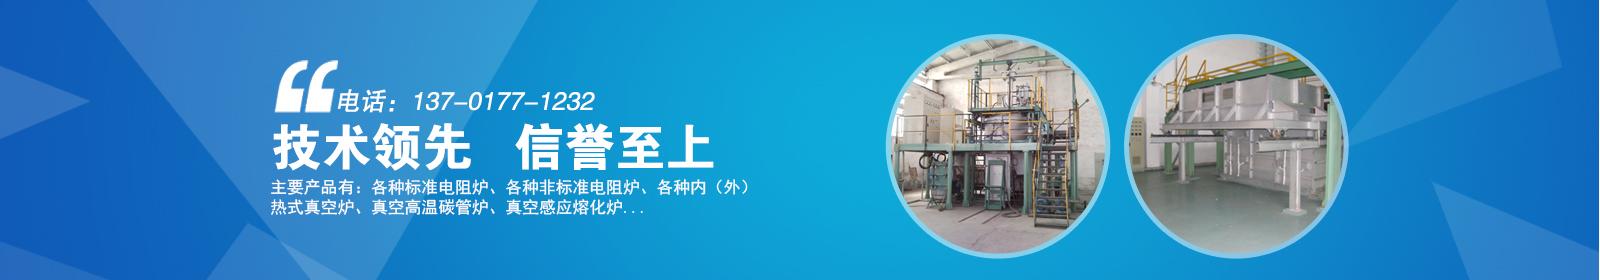 上海真空双管炉